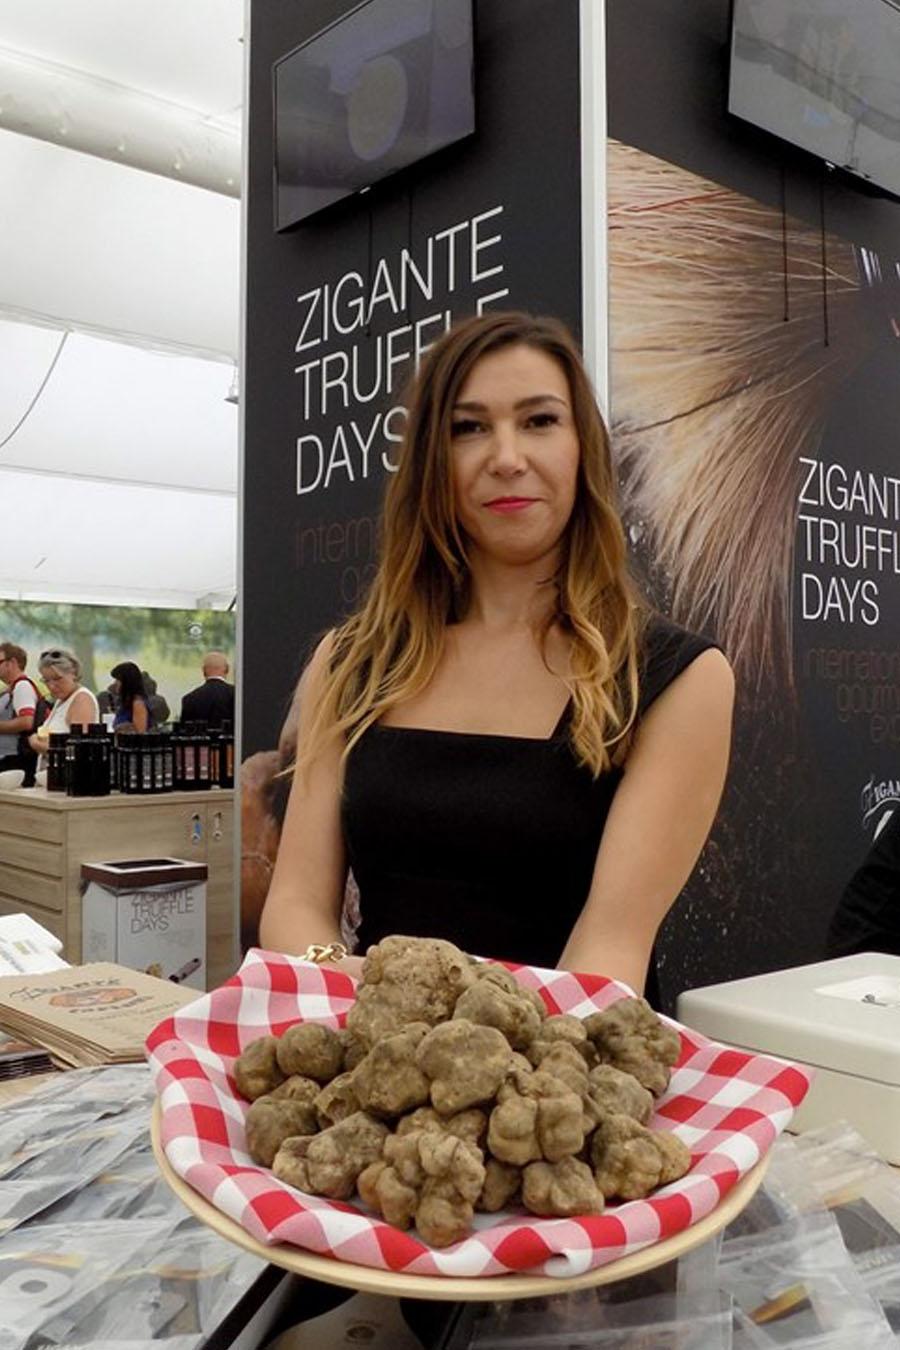 Zigante Truffle Fair